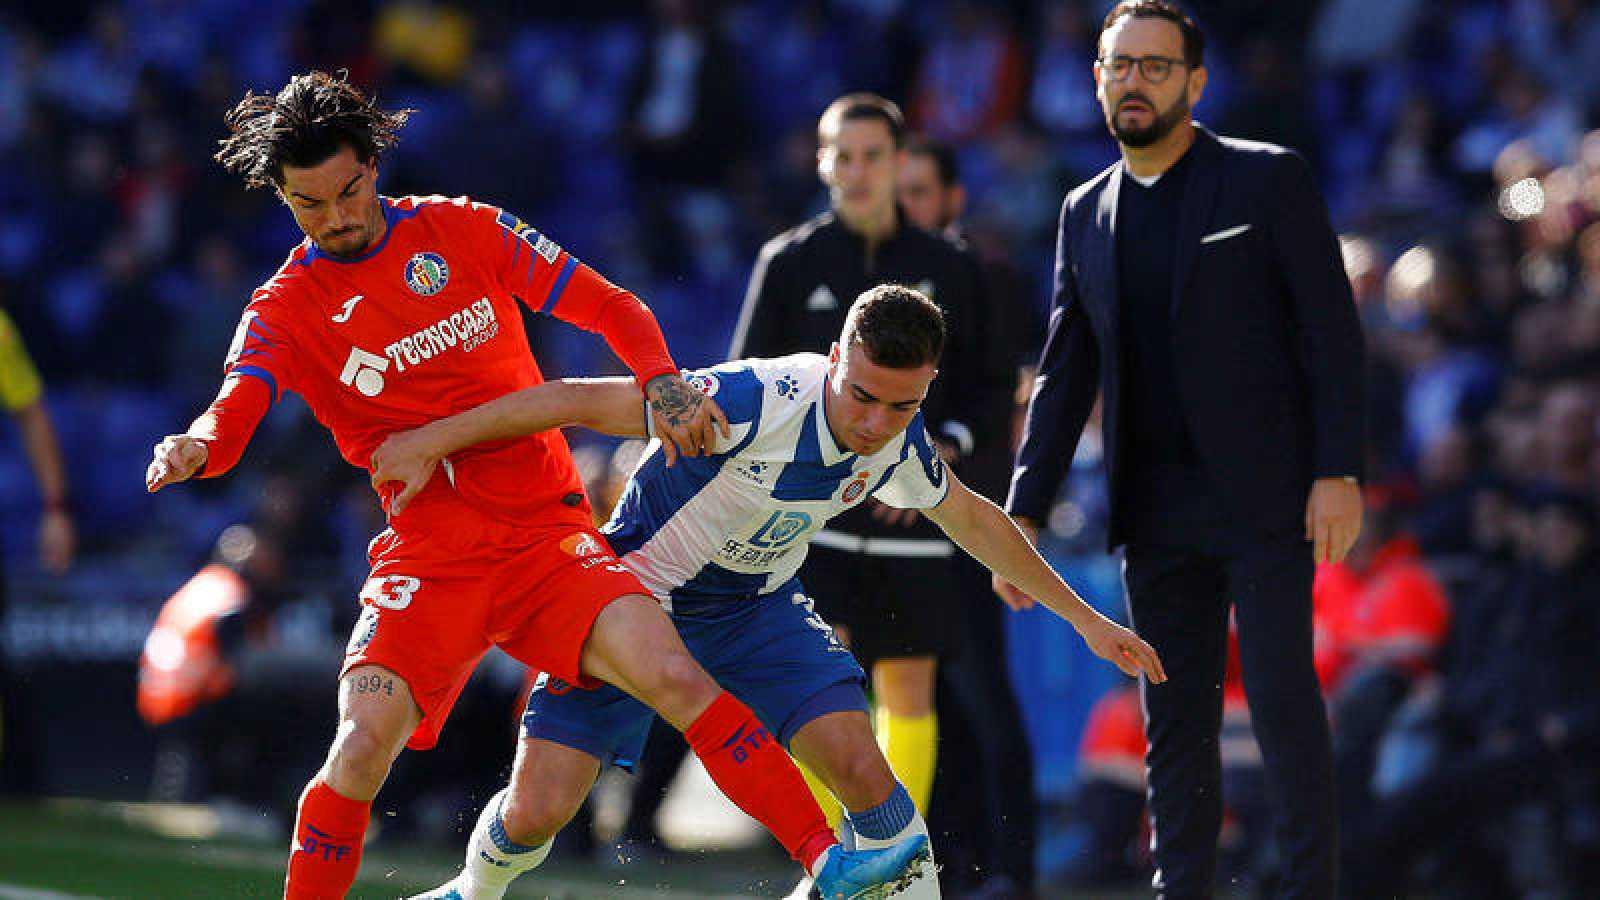 El defensa del Espanyol Adriá Giner Pedrosa, y el centrocampista del Getafe David Remesegueiro, durante el partido.